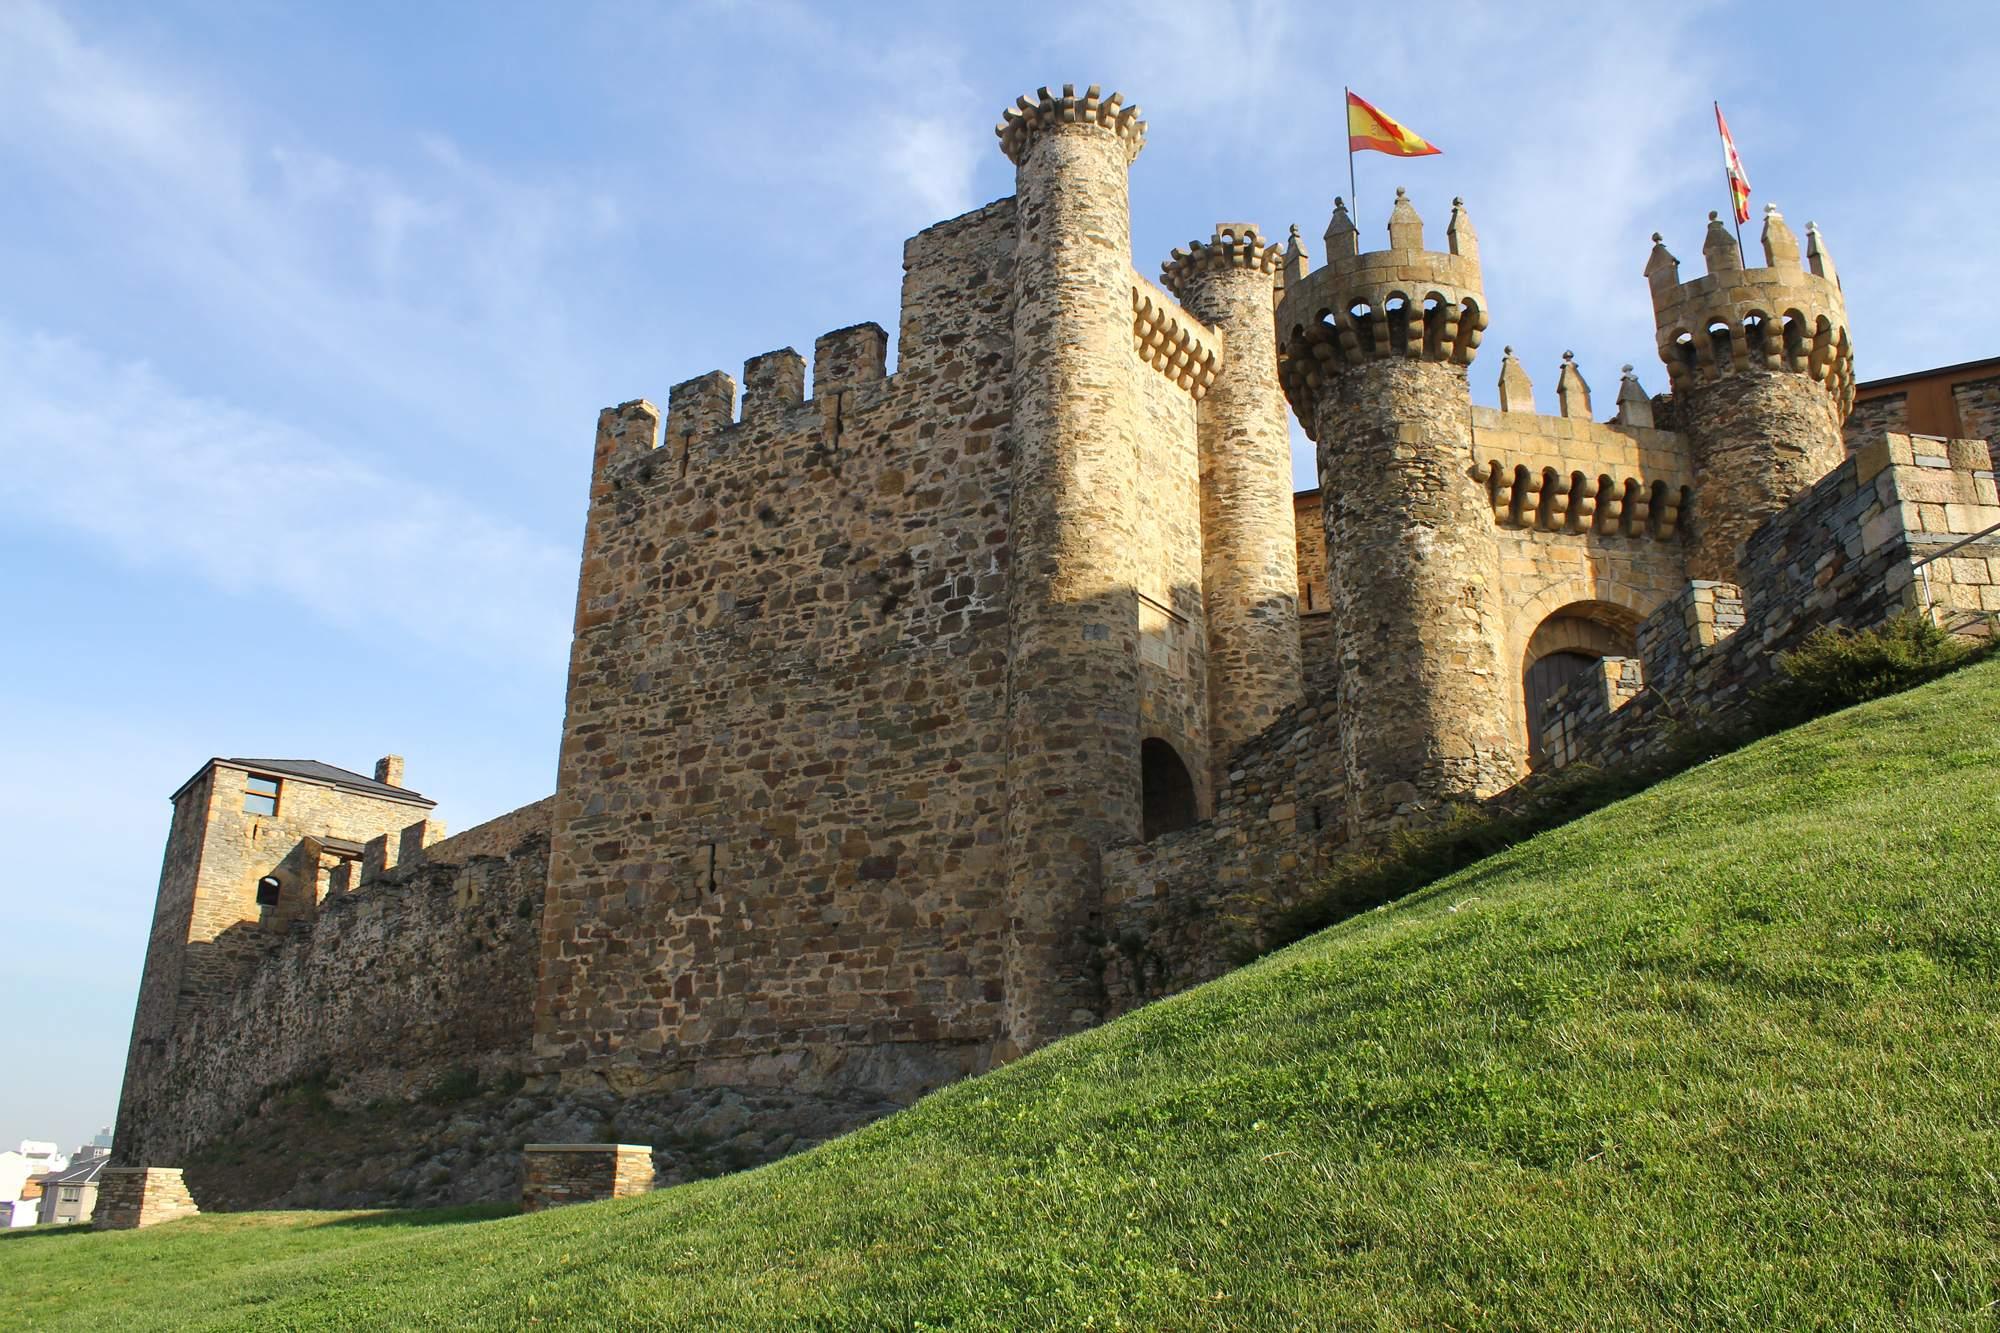 castle ponferrada1 Templar Castle of Ponferrada, Spain